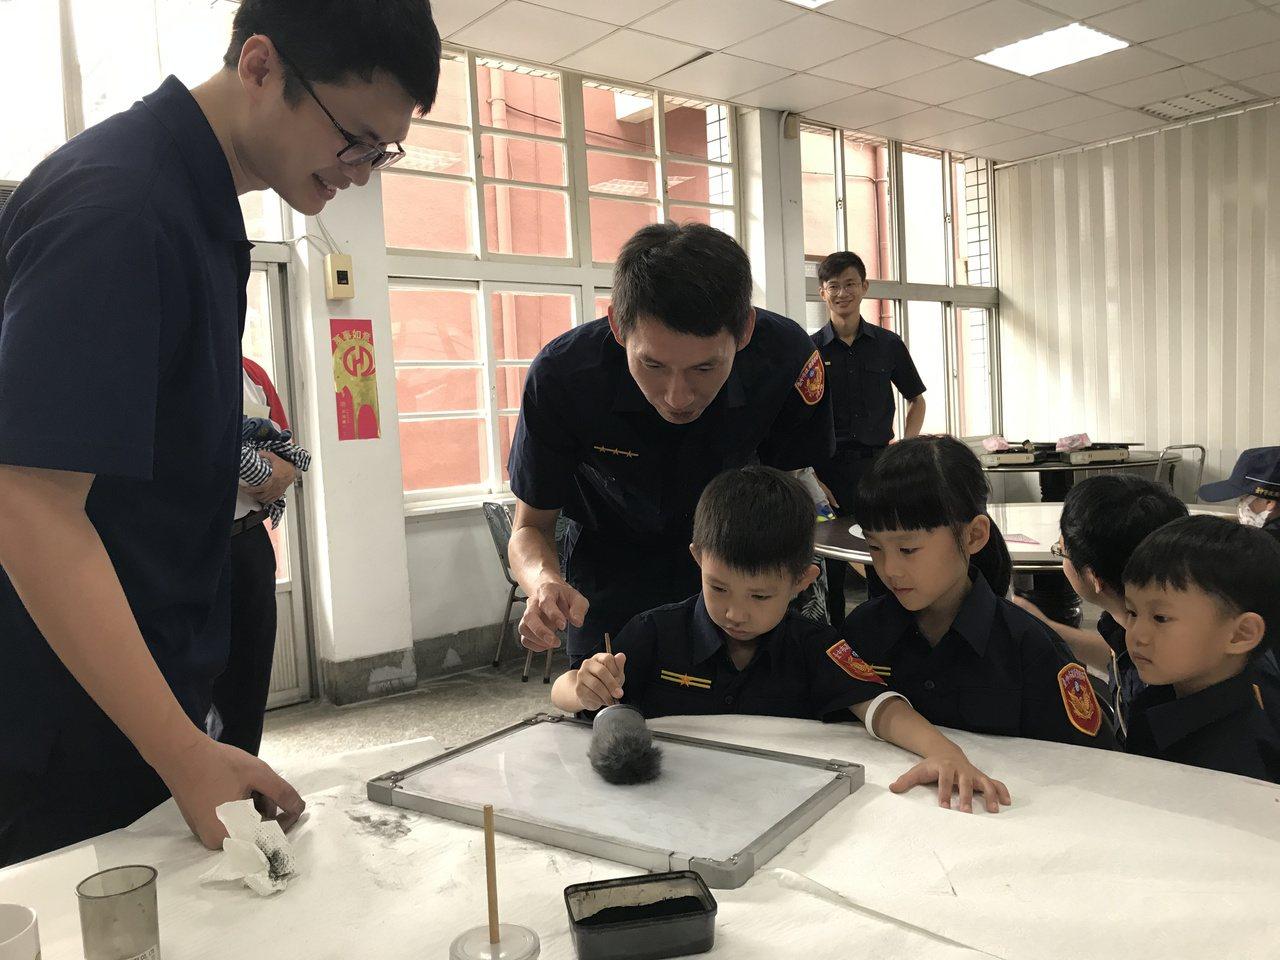 小朋友在鑑識闖關相當專注,與父母一起觀察碳粉的微妙變化。記者林佩均/攝影